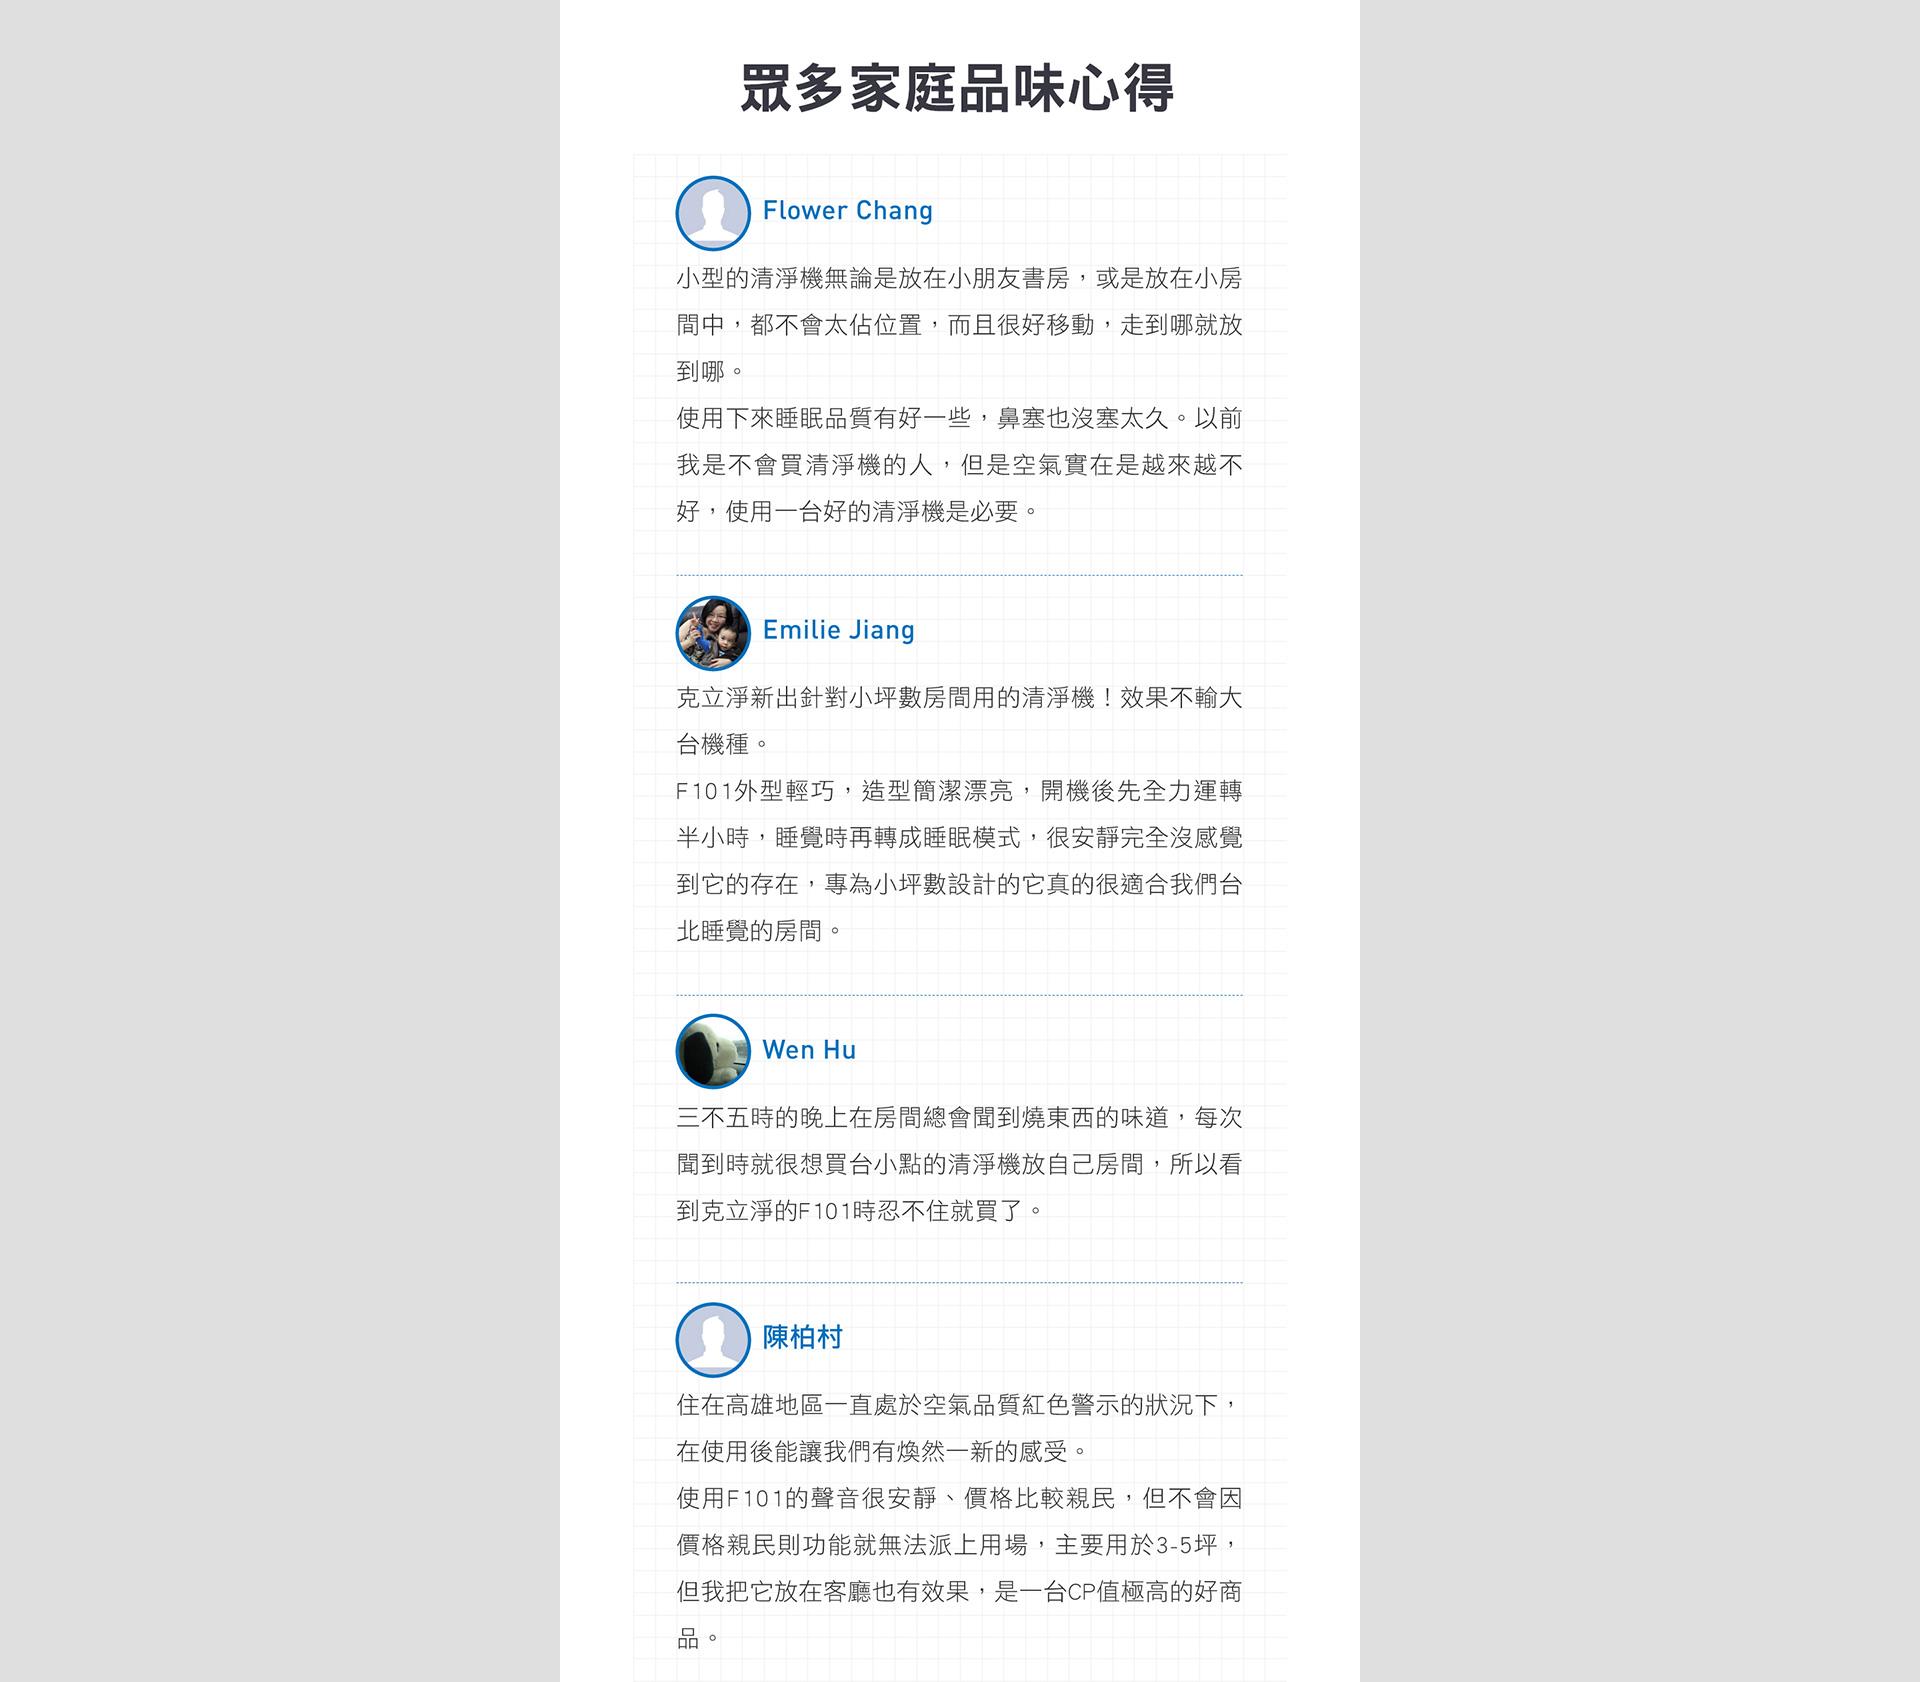 f101_14周年慶-Mobile版_20191104_V4_pc_18